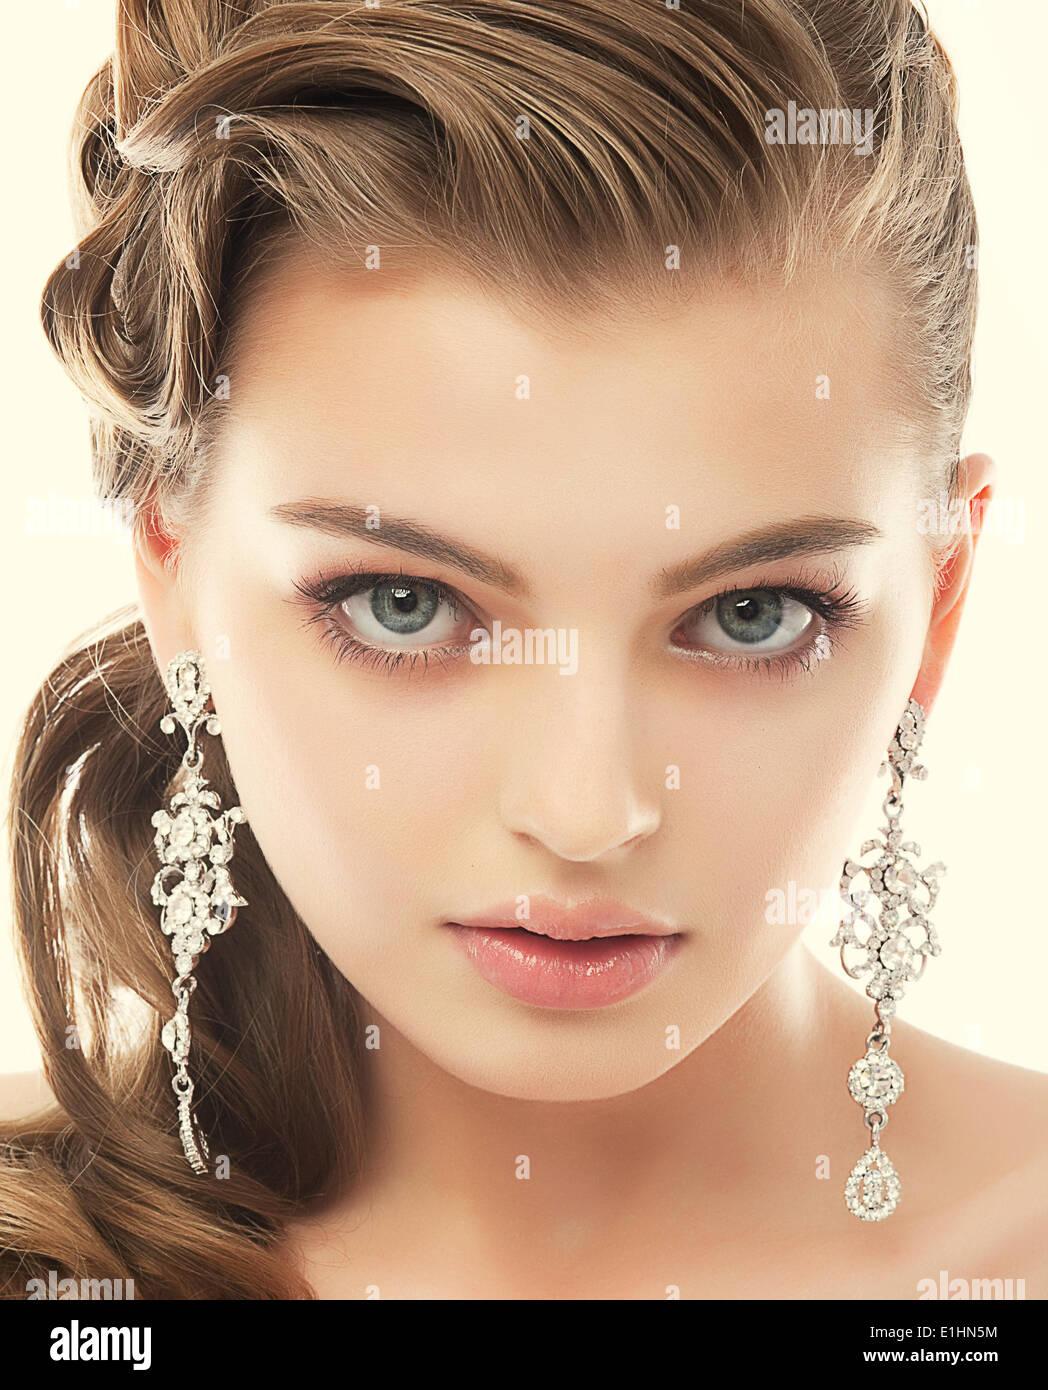 Schmuck. Portrait von wunderschönen Exquisite Frau mit glänzend Ohrringe. Raffinesse Stockbild